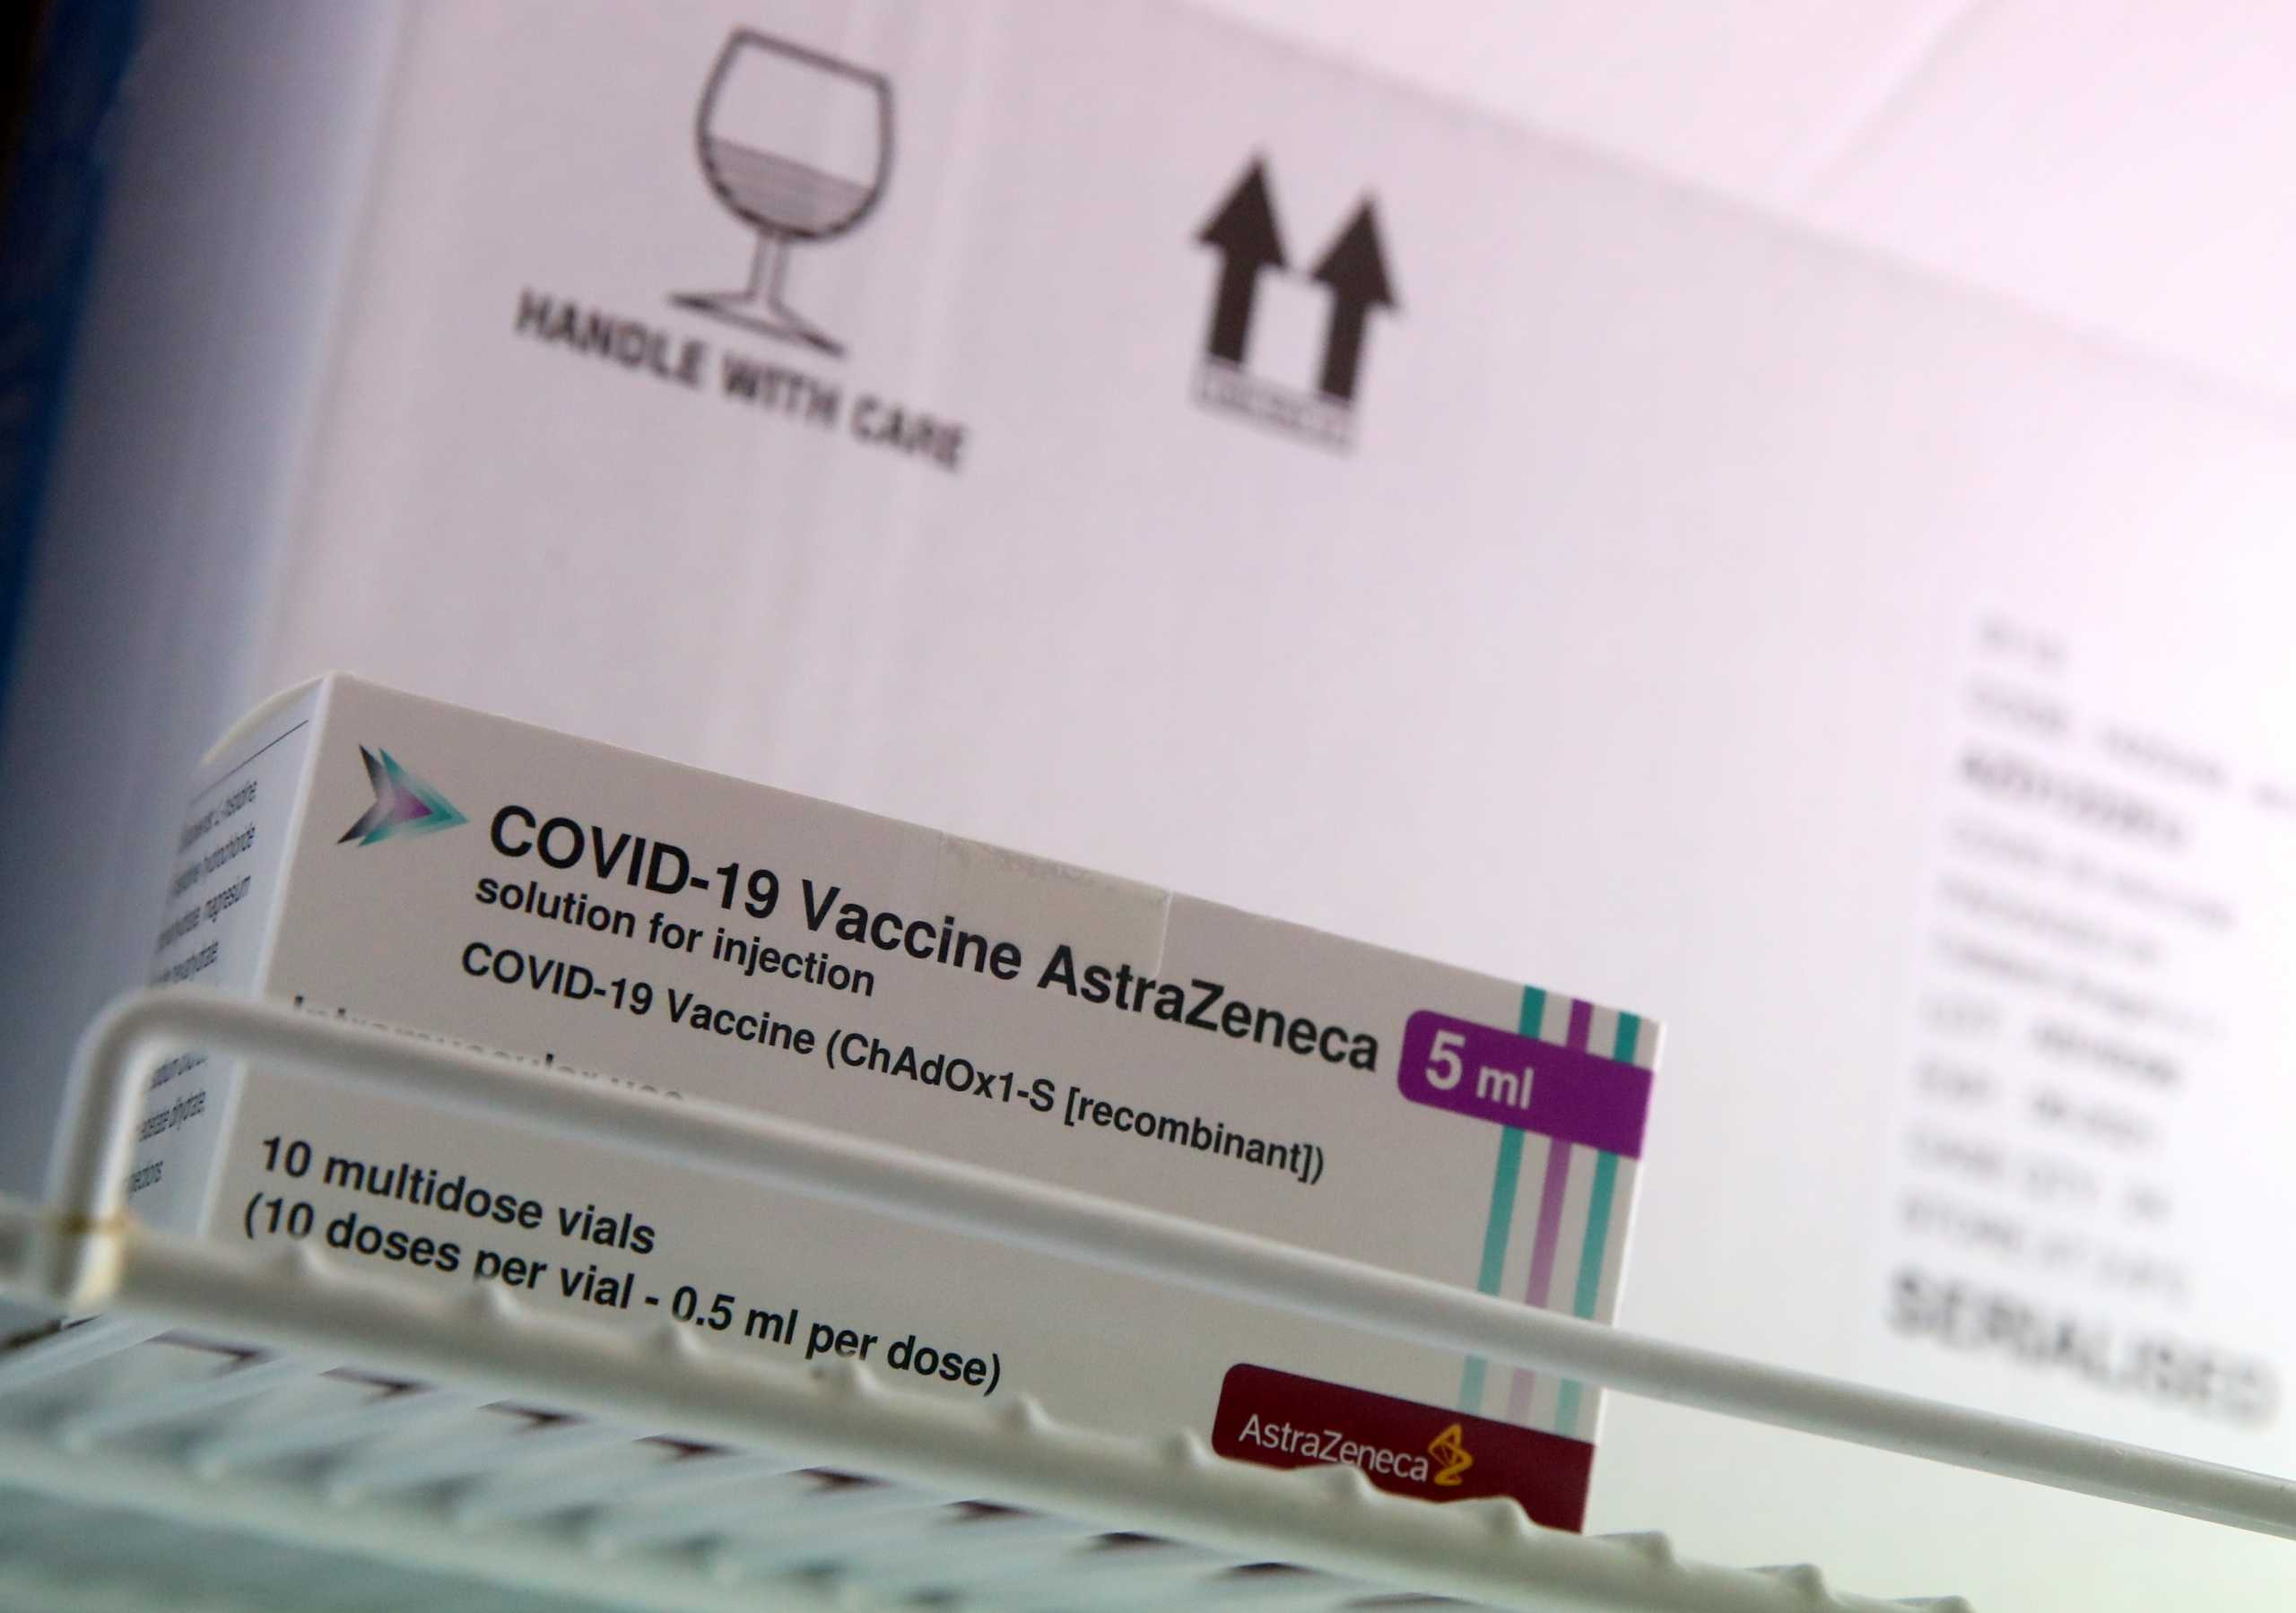 Εμβόλιο AstraZeneca: Γάλλοι πυροσβέστες ανέστειλαν τον εμβολιασμό λόγω παρενεργειών